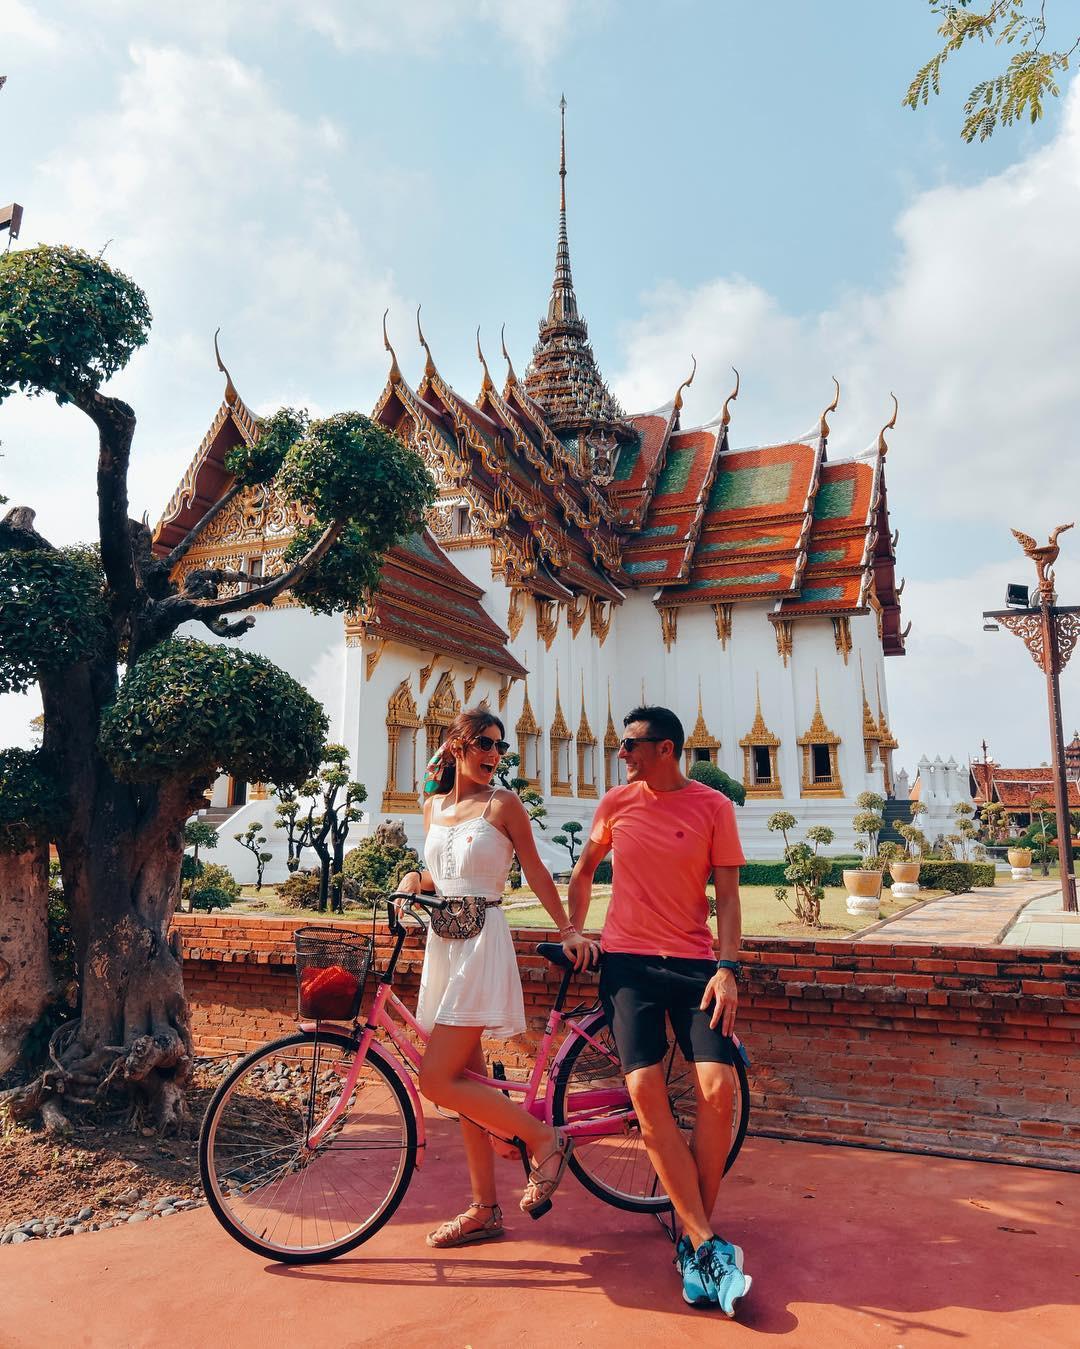 """Không tin vào mắt mình ngôi đền được canh giữ bởi """"cá khổng lồ"""" đẹp hệt cổ tích đang """"gây bão"""" Thái Lan - Ảnh 12."""